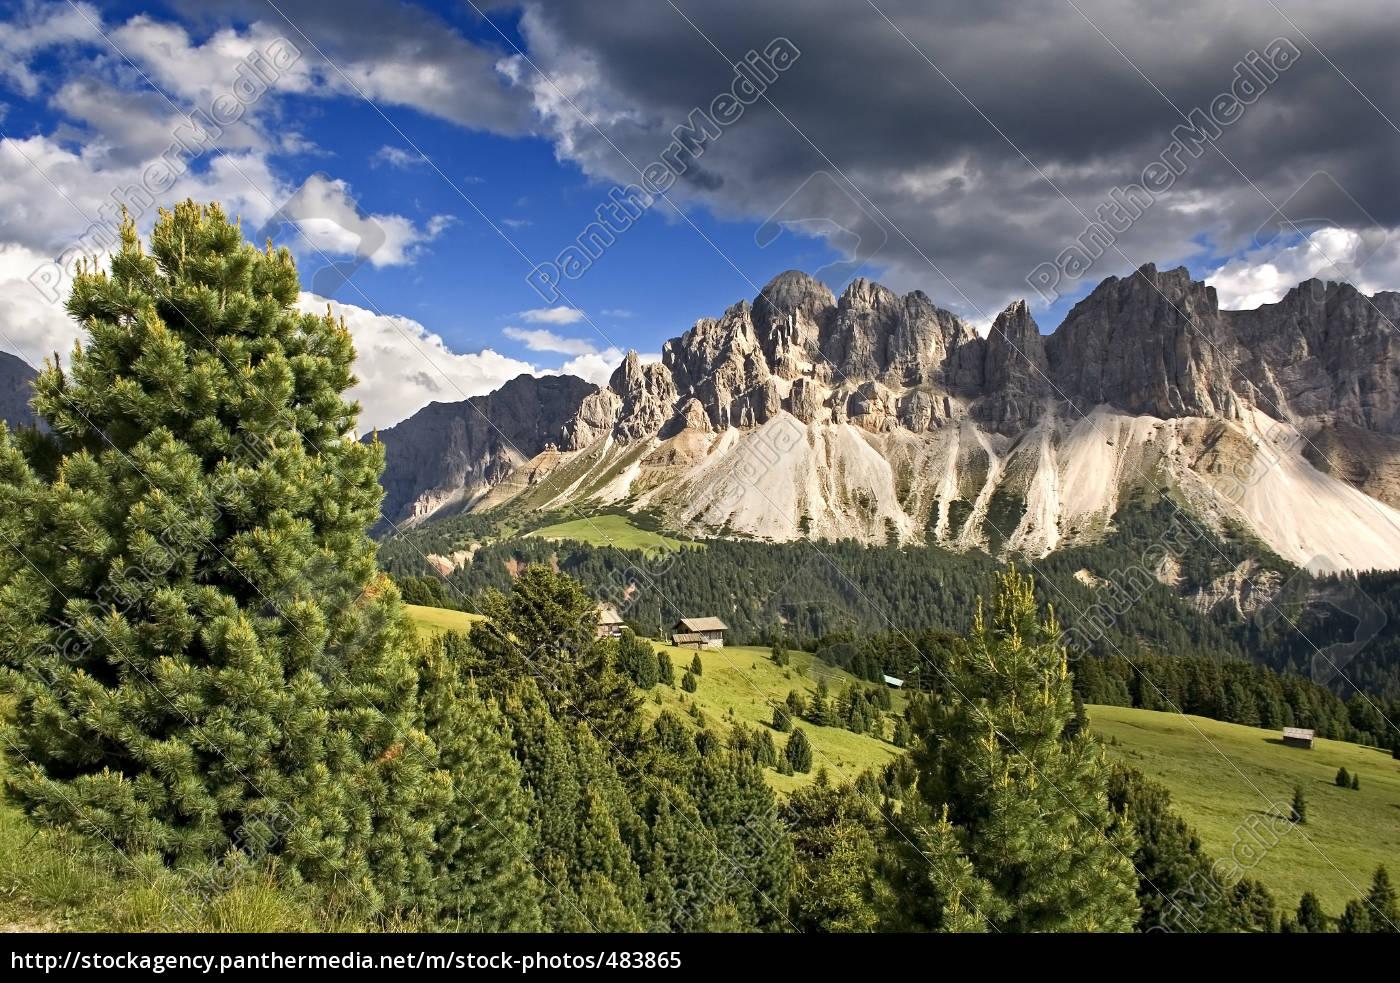 mountain - 483865